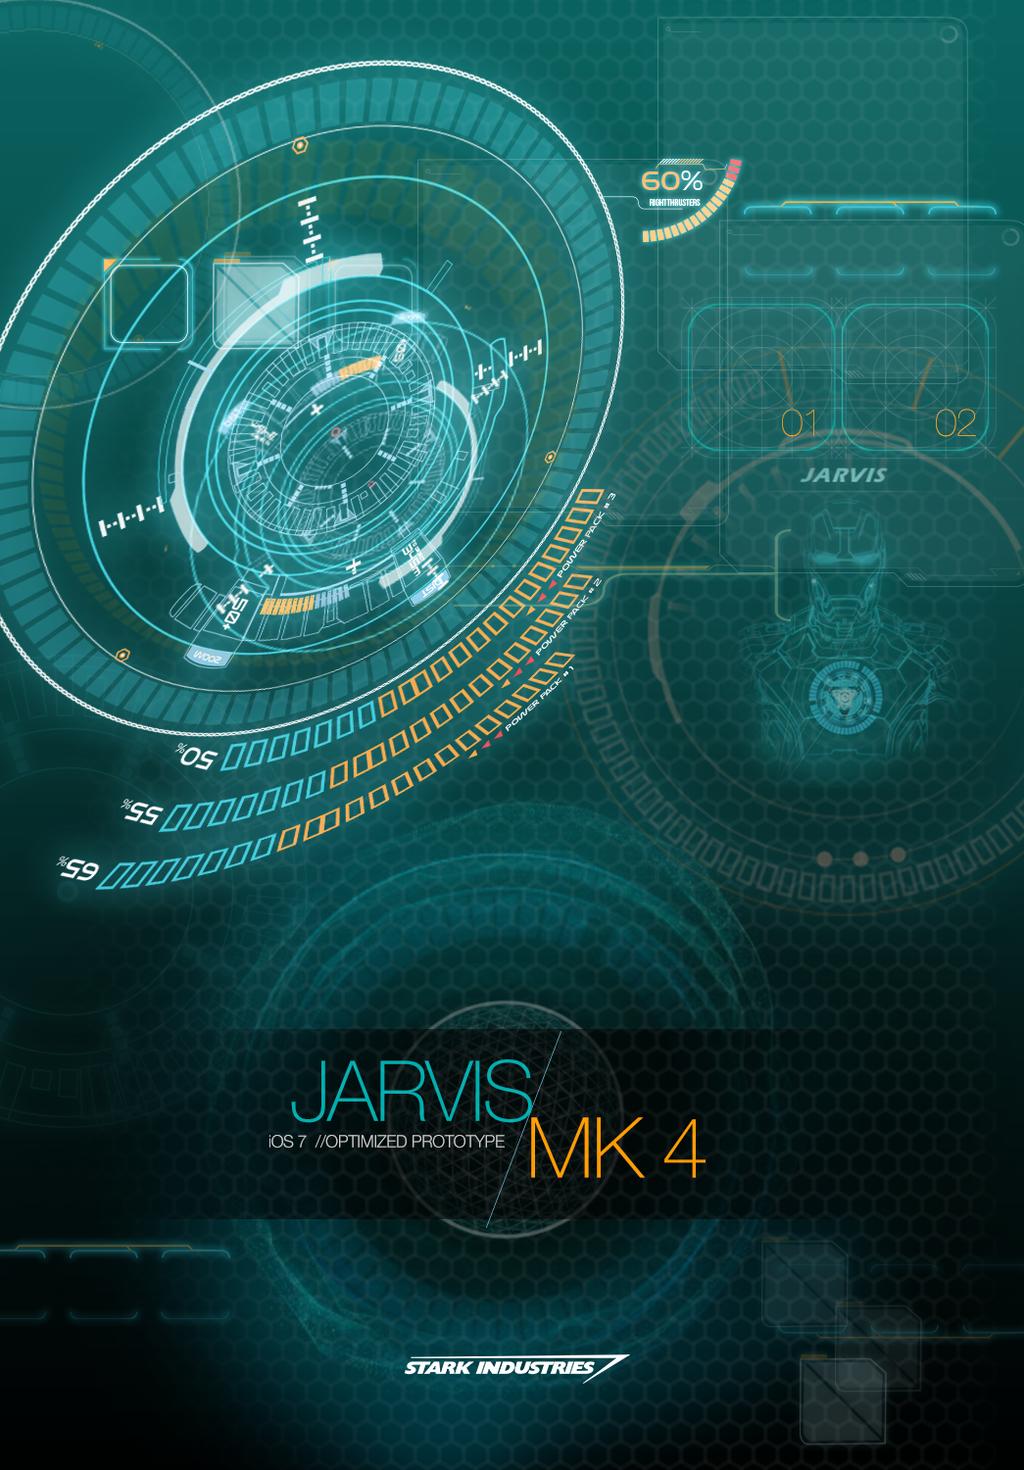 JARVIS MARK 4